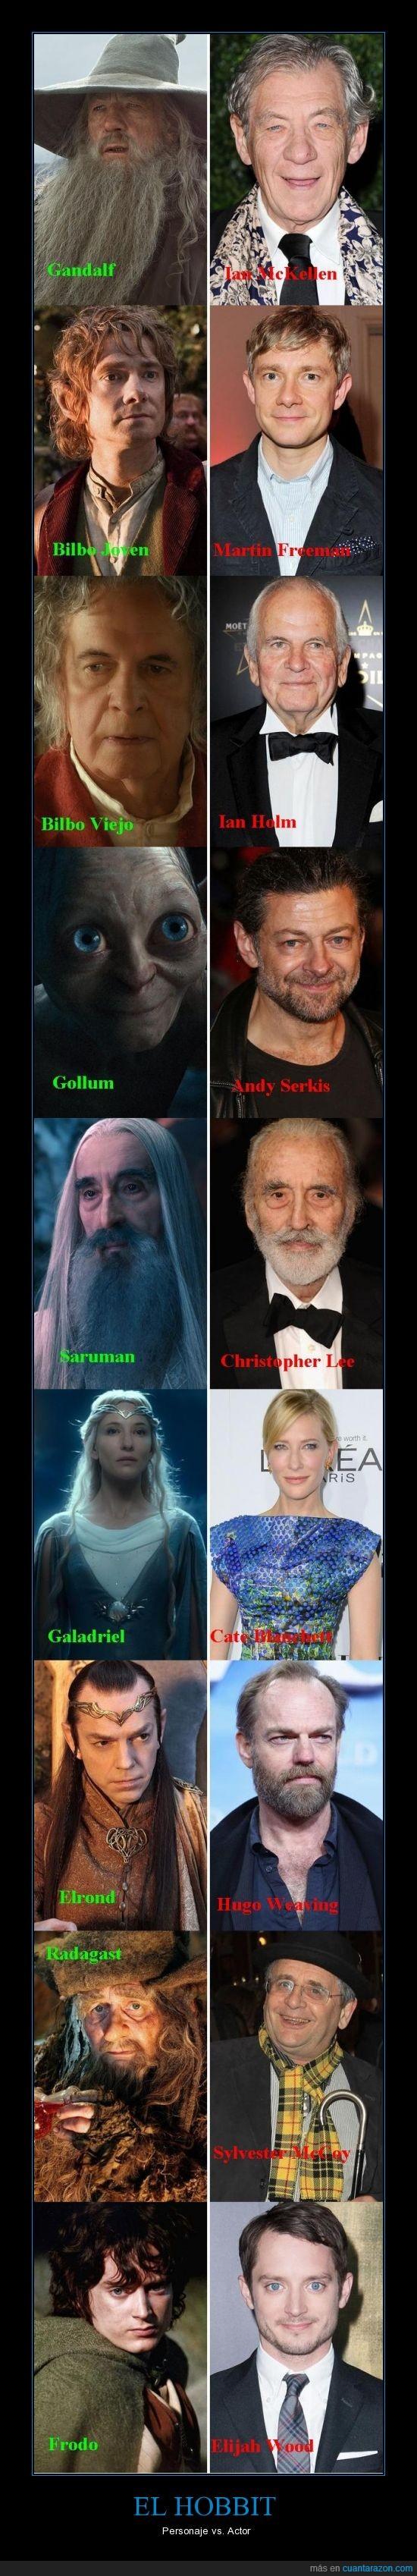 actores,bilbo,disfrasado,el hobbit,elfos,frodo,gandalf,gollum,magos,maquillado,radagast,saruman,sin disfraz,sin maquillaje